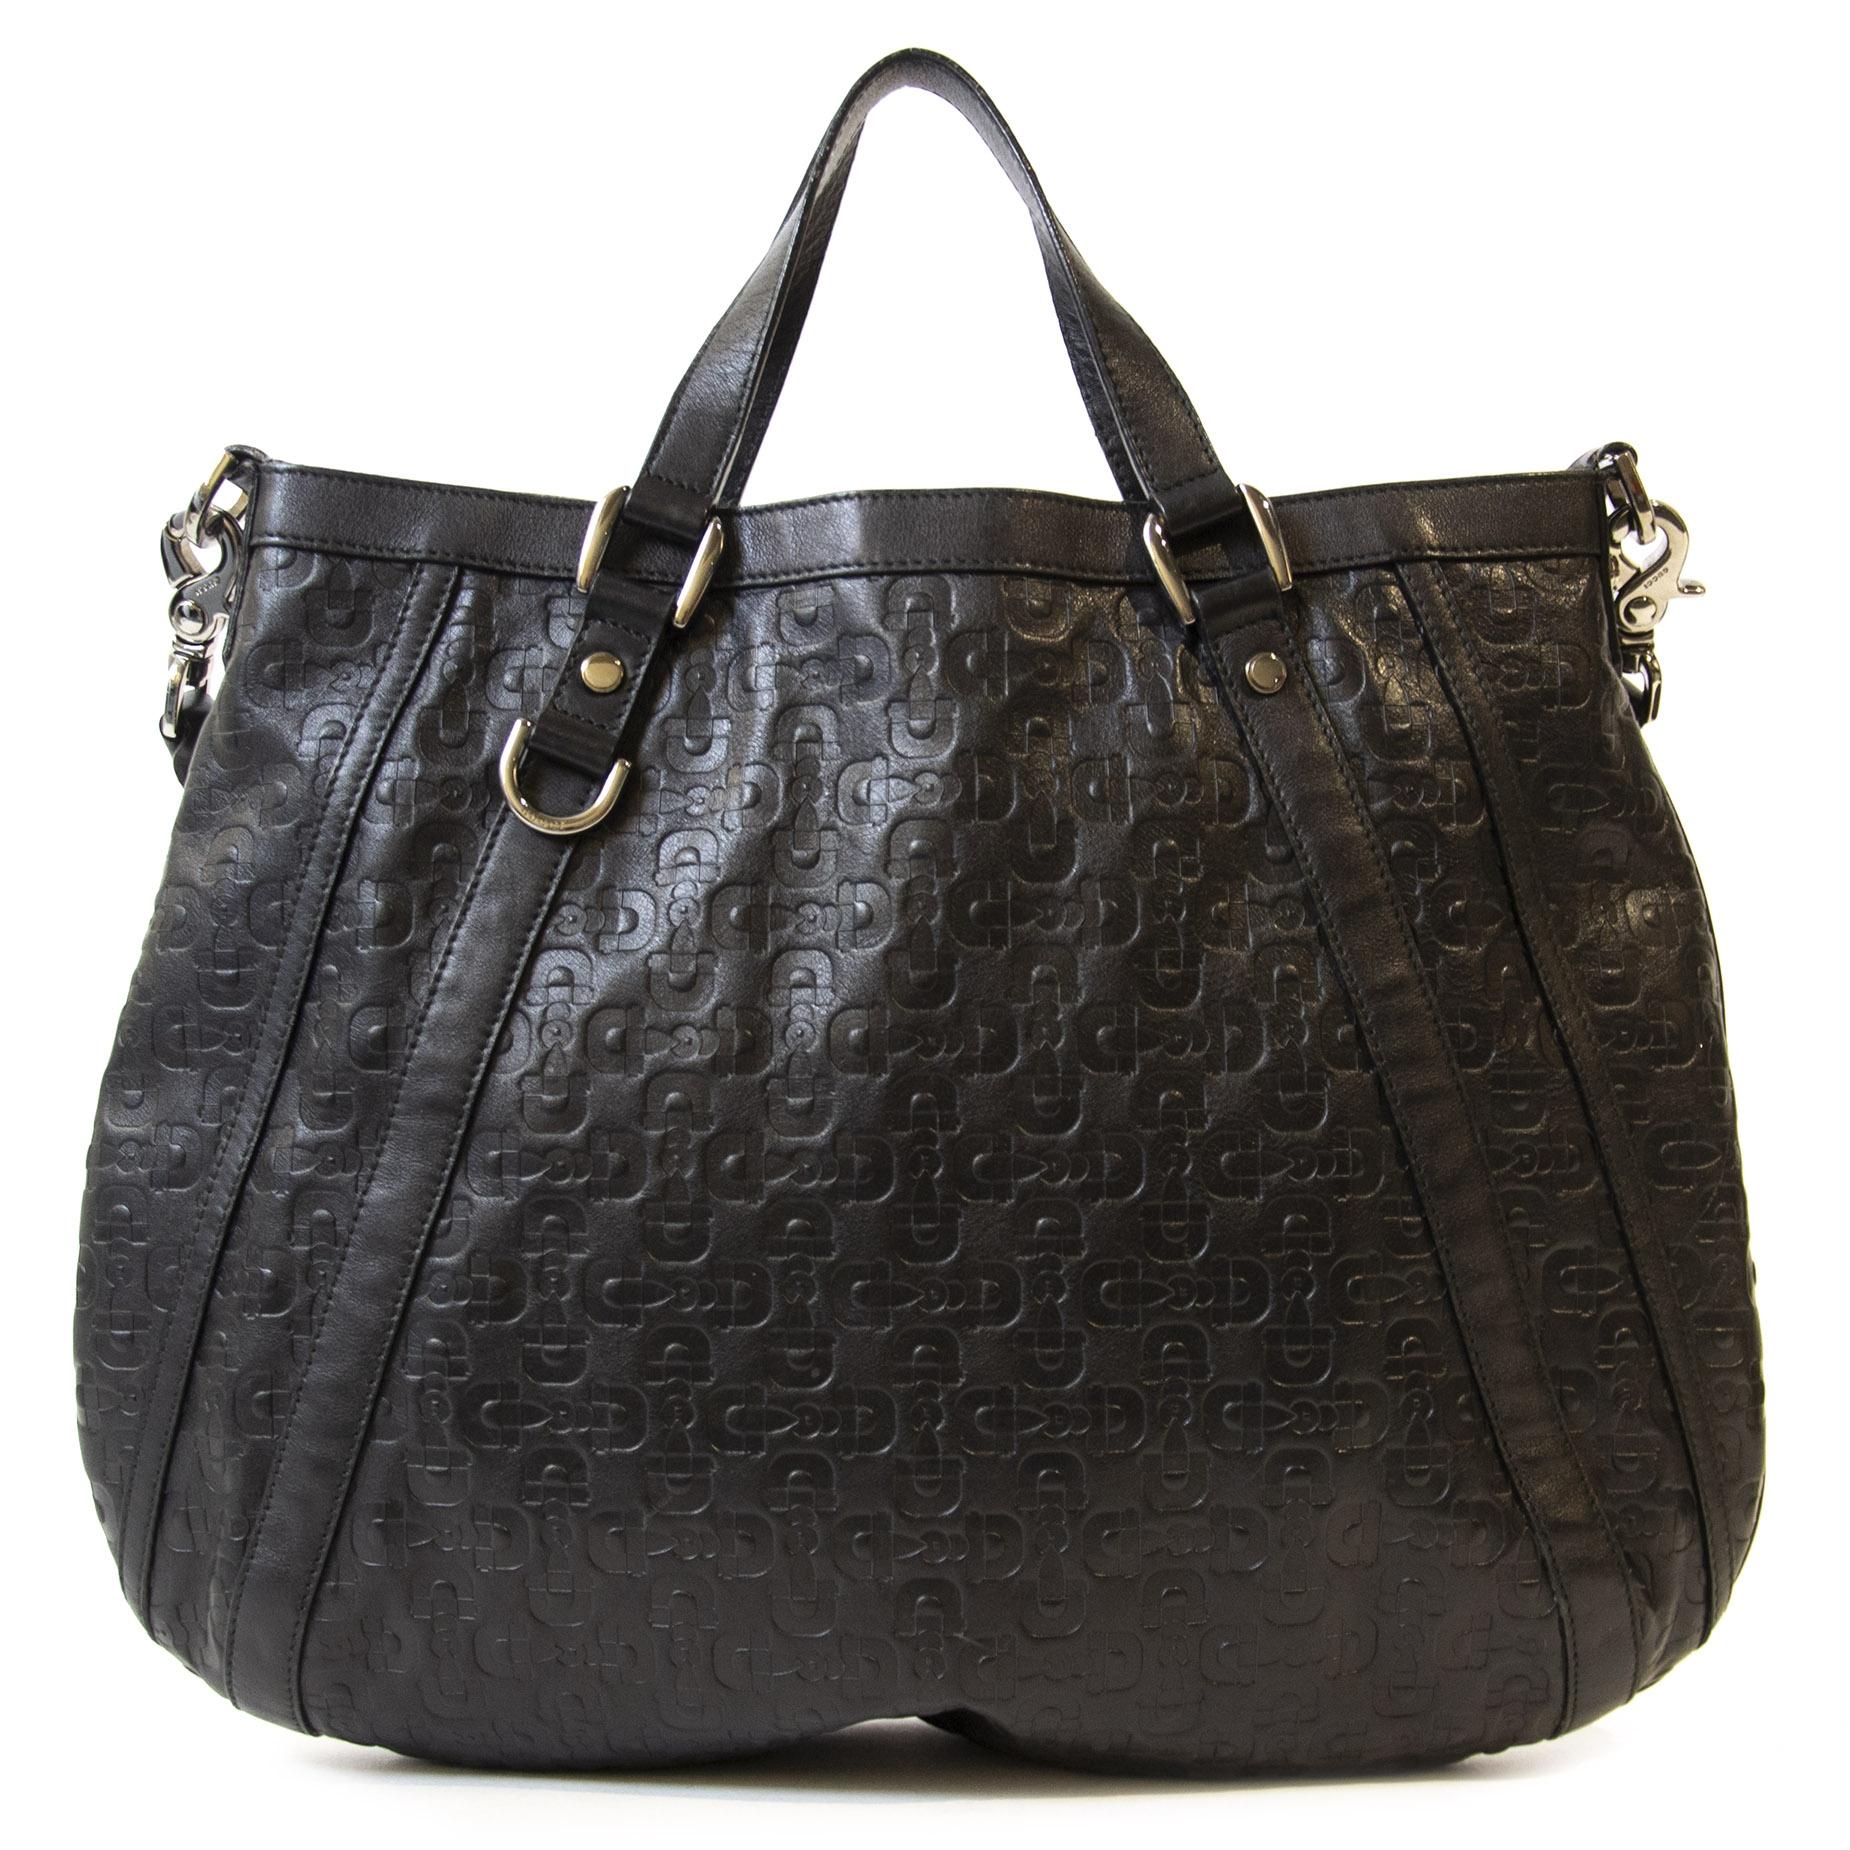 Authentieke Tweedehands Gucci Black Leather Abbey Horsebit Print Tote juiste prijs veilig online betalen winkelen shoppen Antwerpen België mode fashion luxe merken webshop